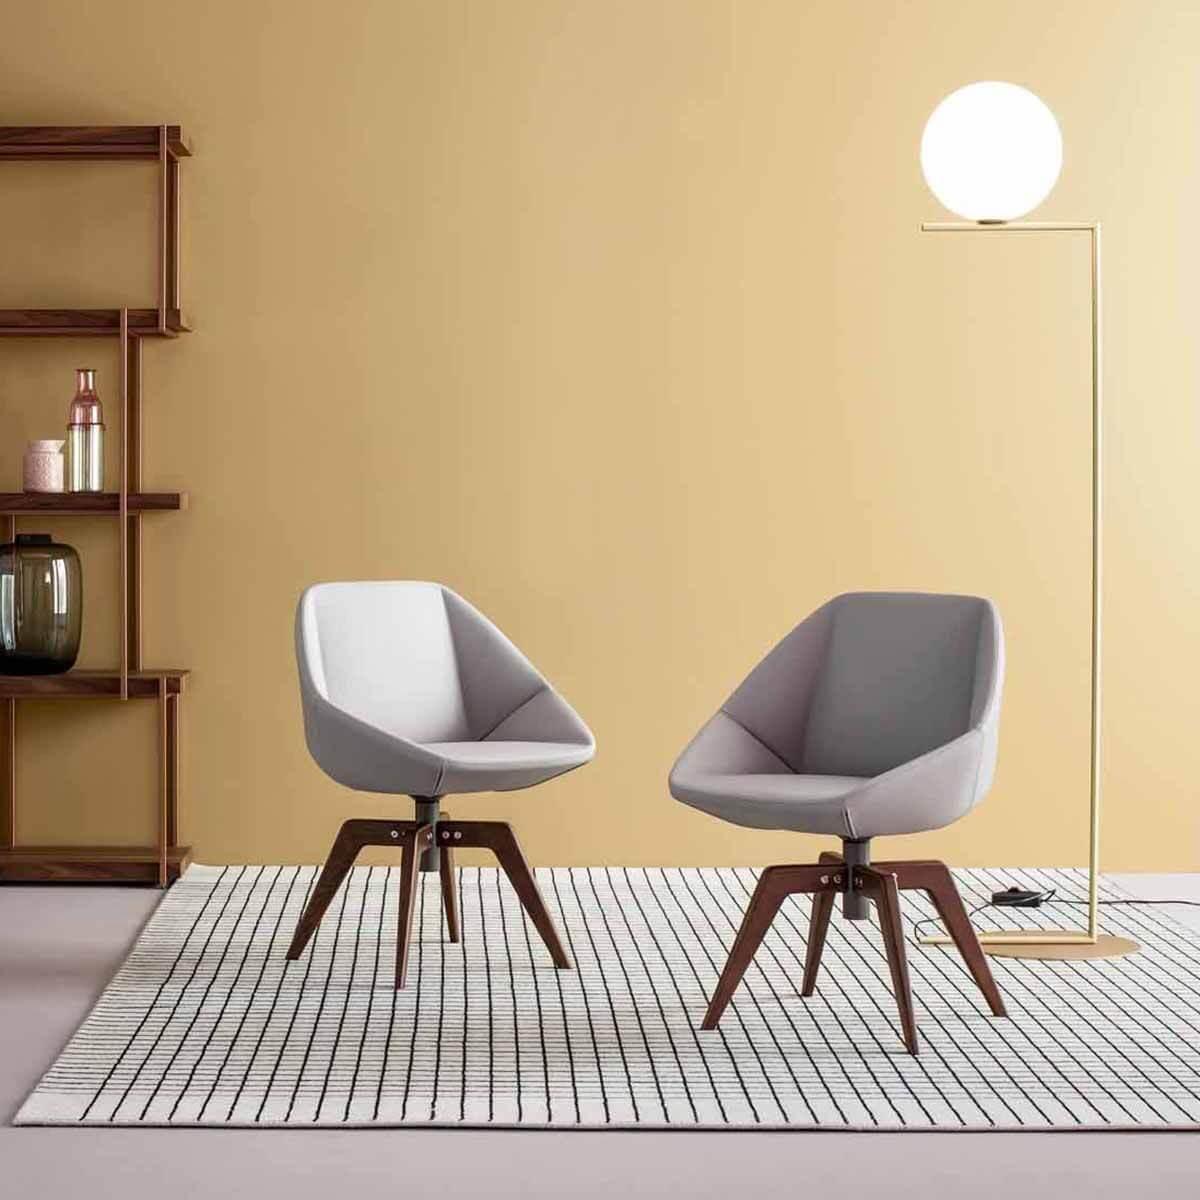 Трапезен стол Stone swivel от Bonaldo, Италия